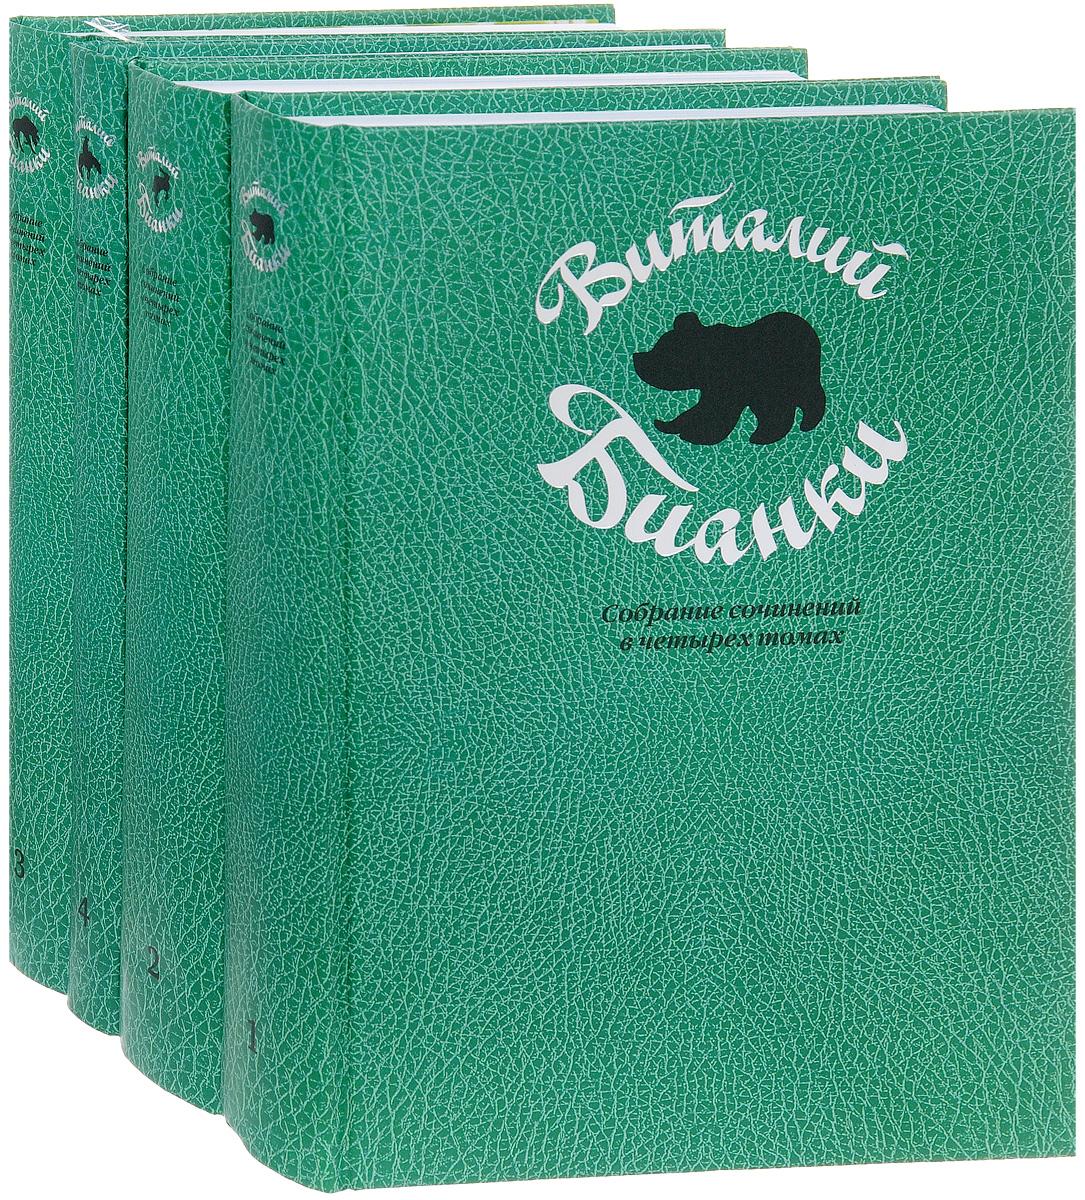 Виталий Бианки Виталий Бианки. Собрание сочинений в 4 томах (комплект из 4 книг) цены онлайн